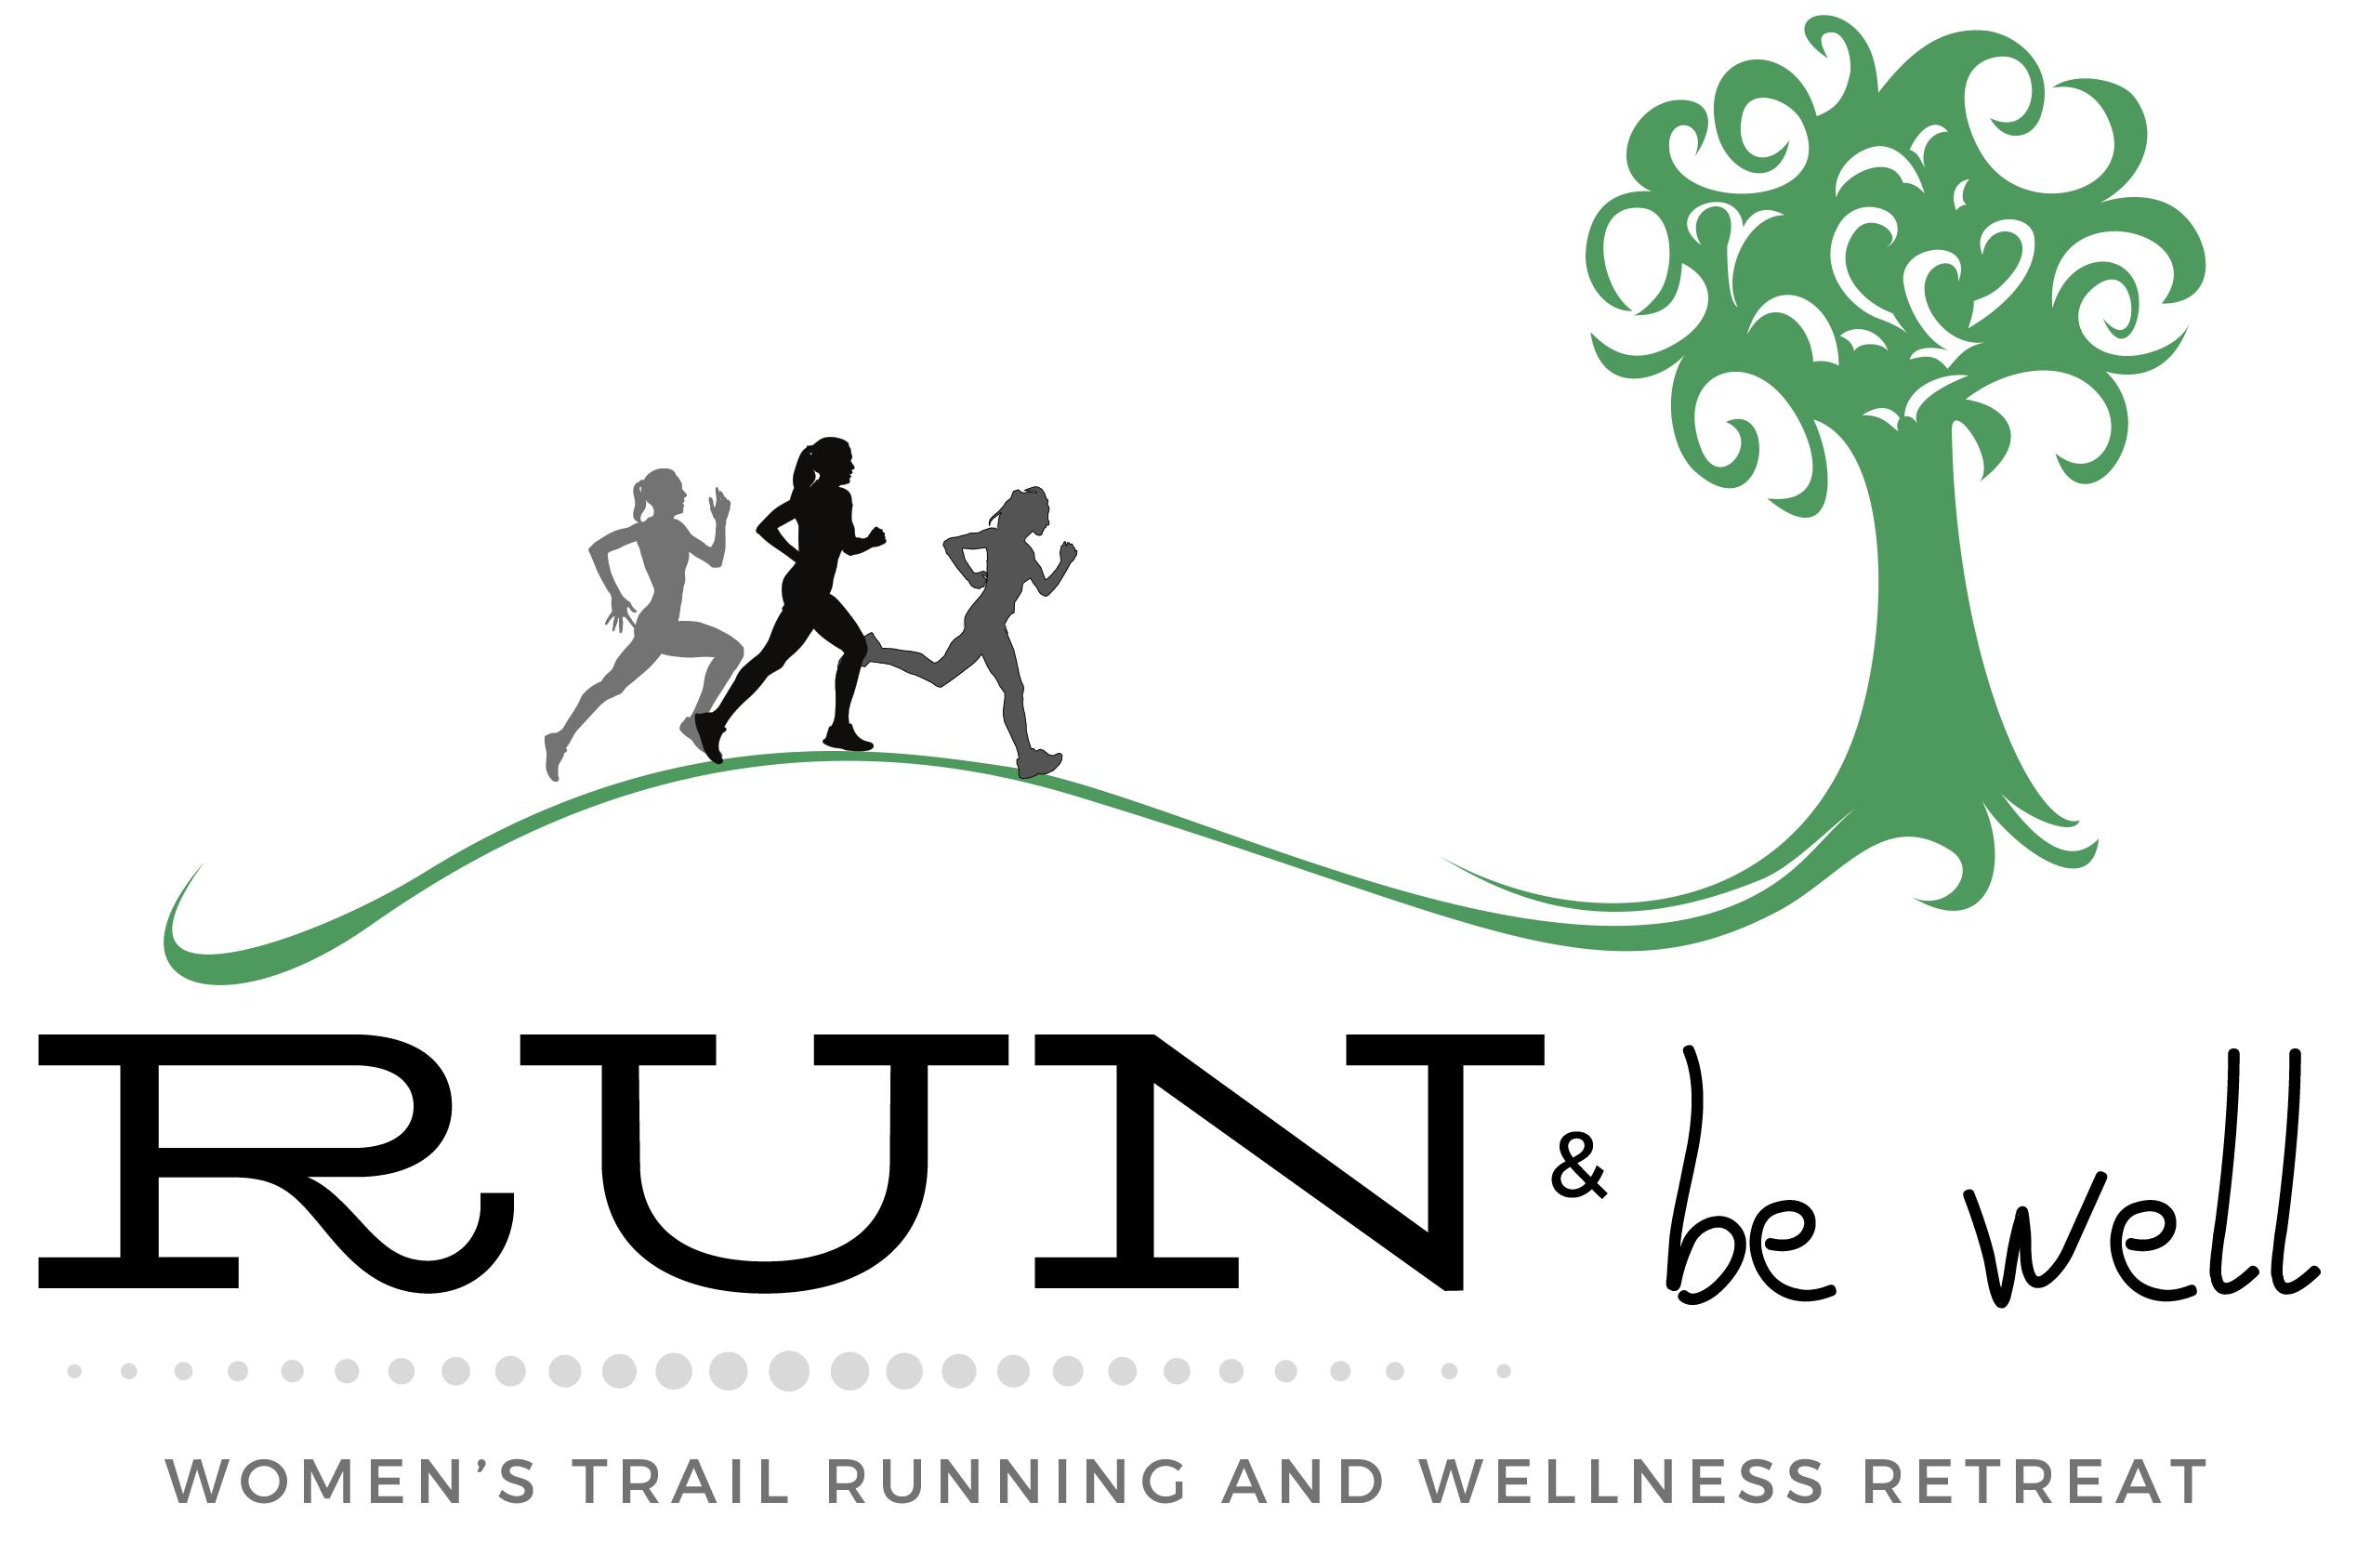 Run & Be Well | Women's Trail Running and Wellness Retreat | Running on Happy